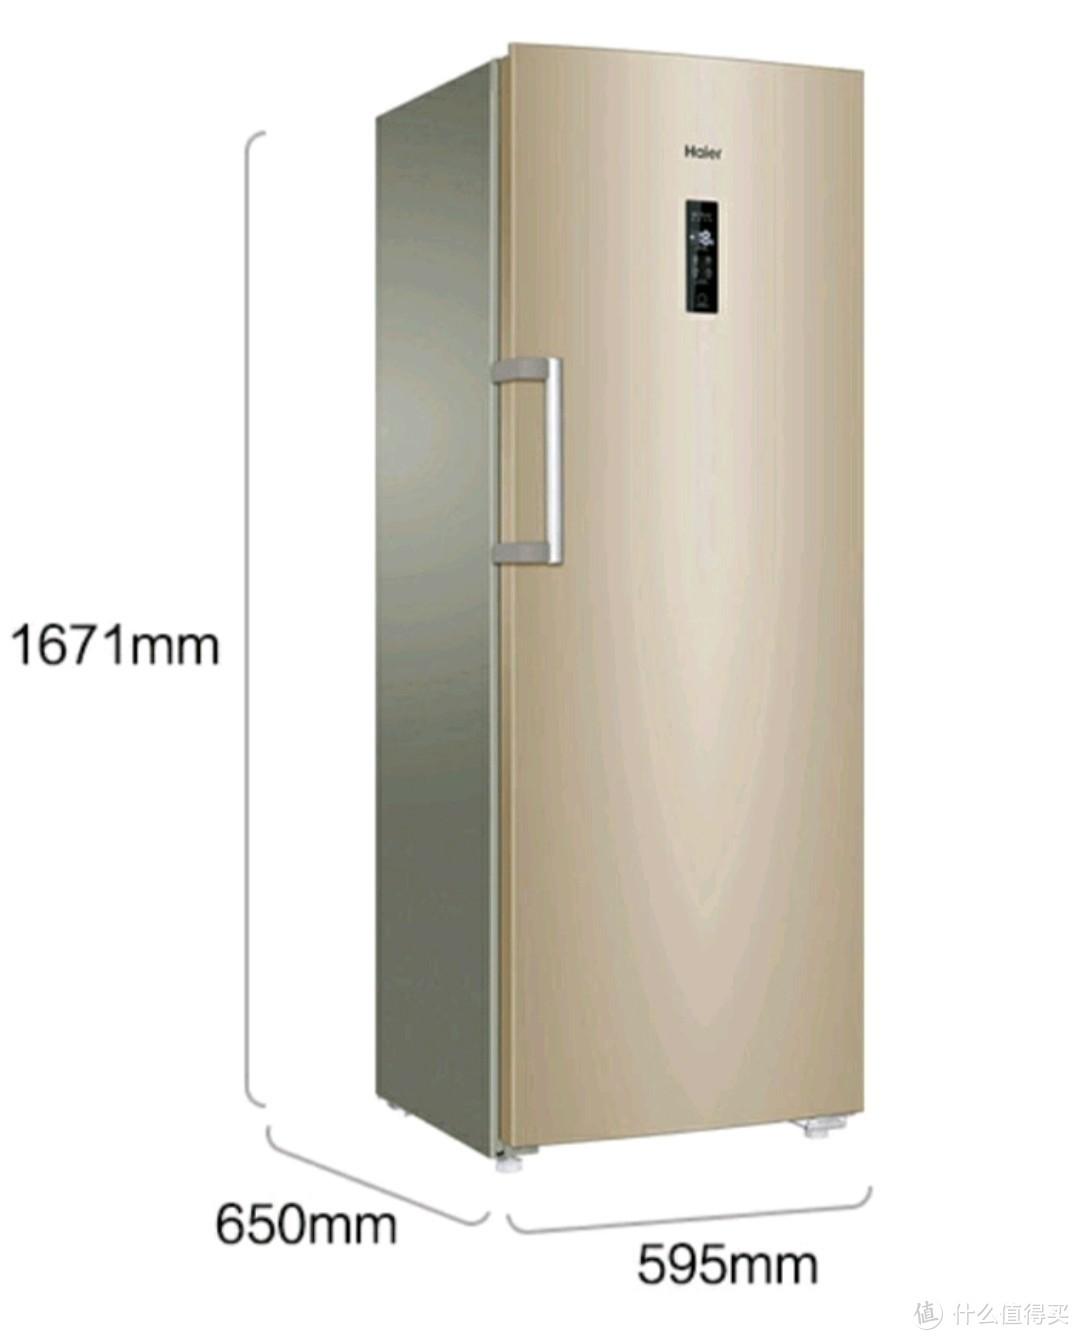 立式冰柜占地面积小